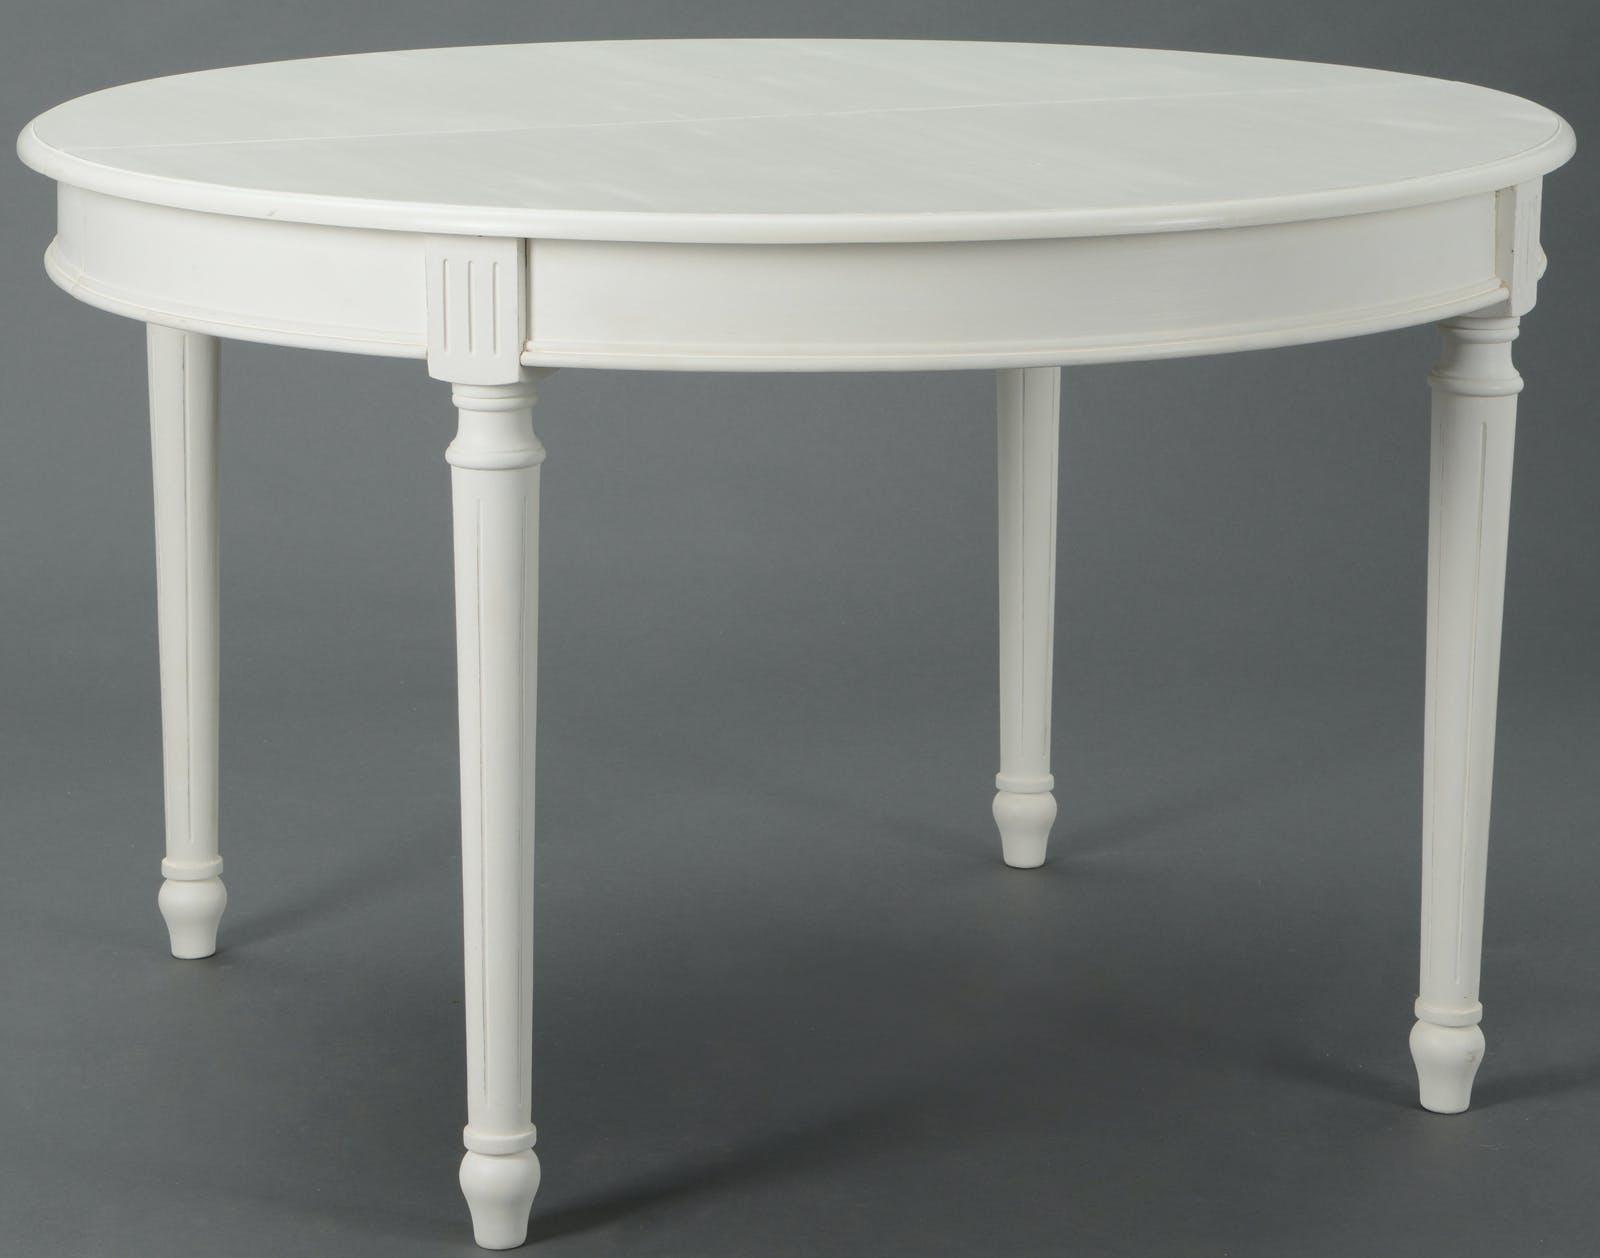 Table à manger Classique Chic AGATHE Long 120/180 X Larg 120 X H75 Blanc Antique AMADEUS